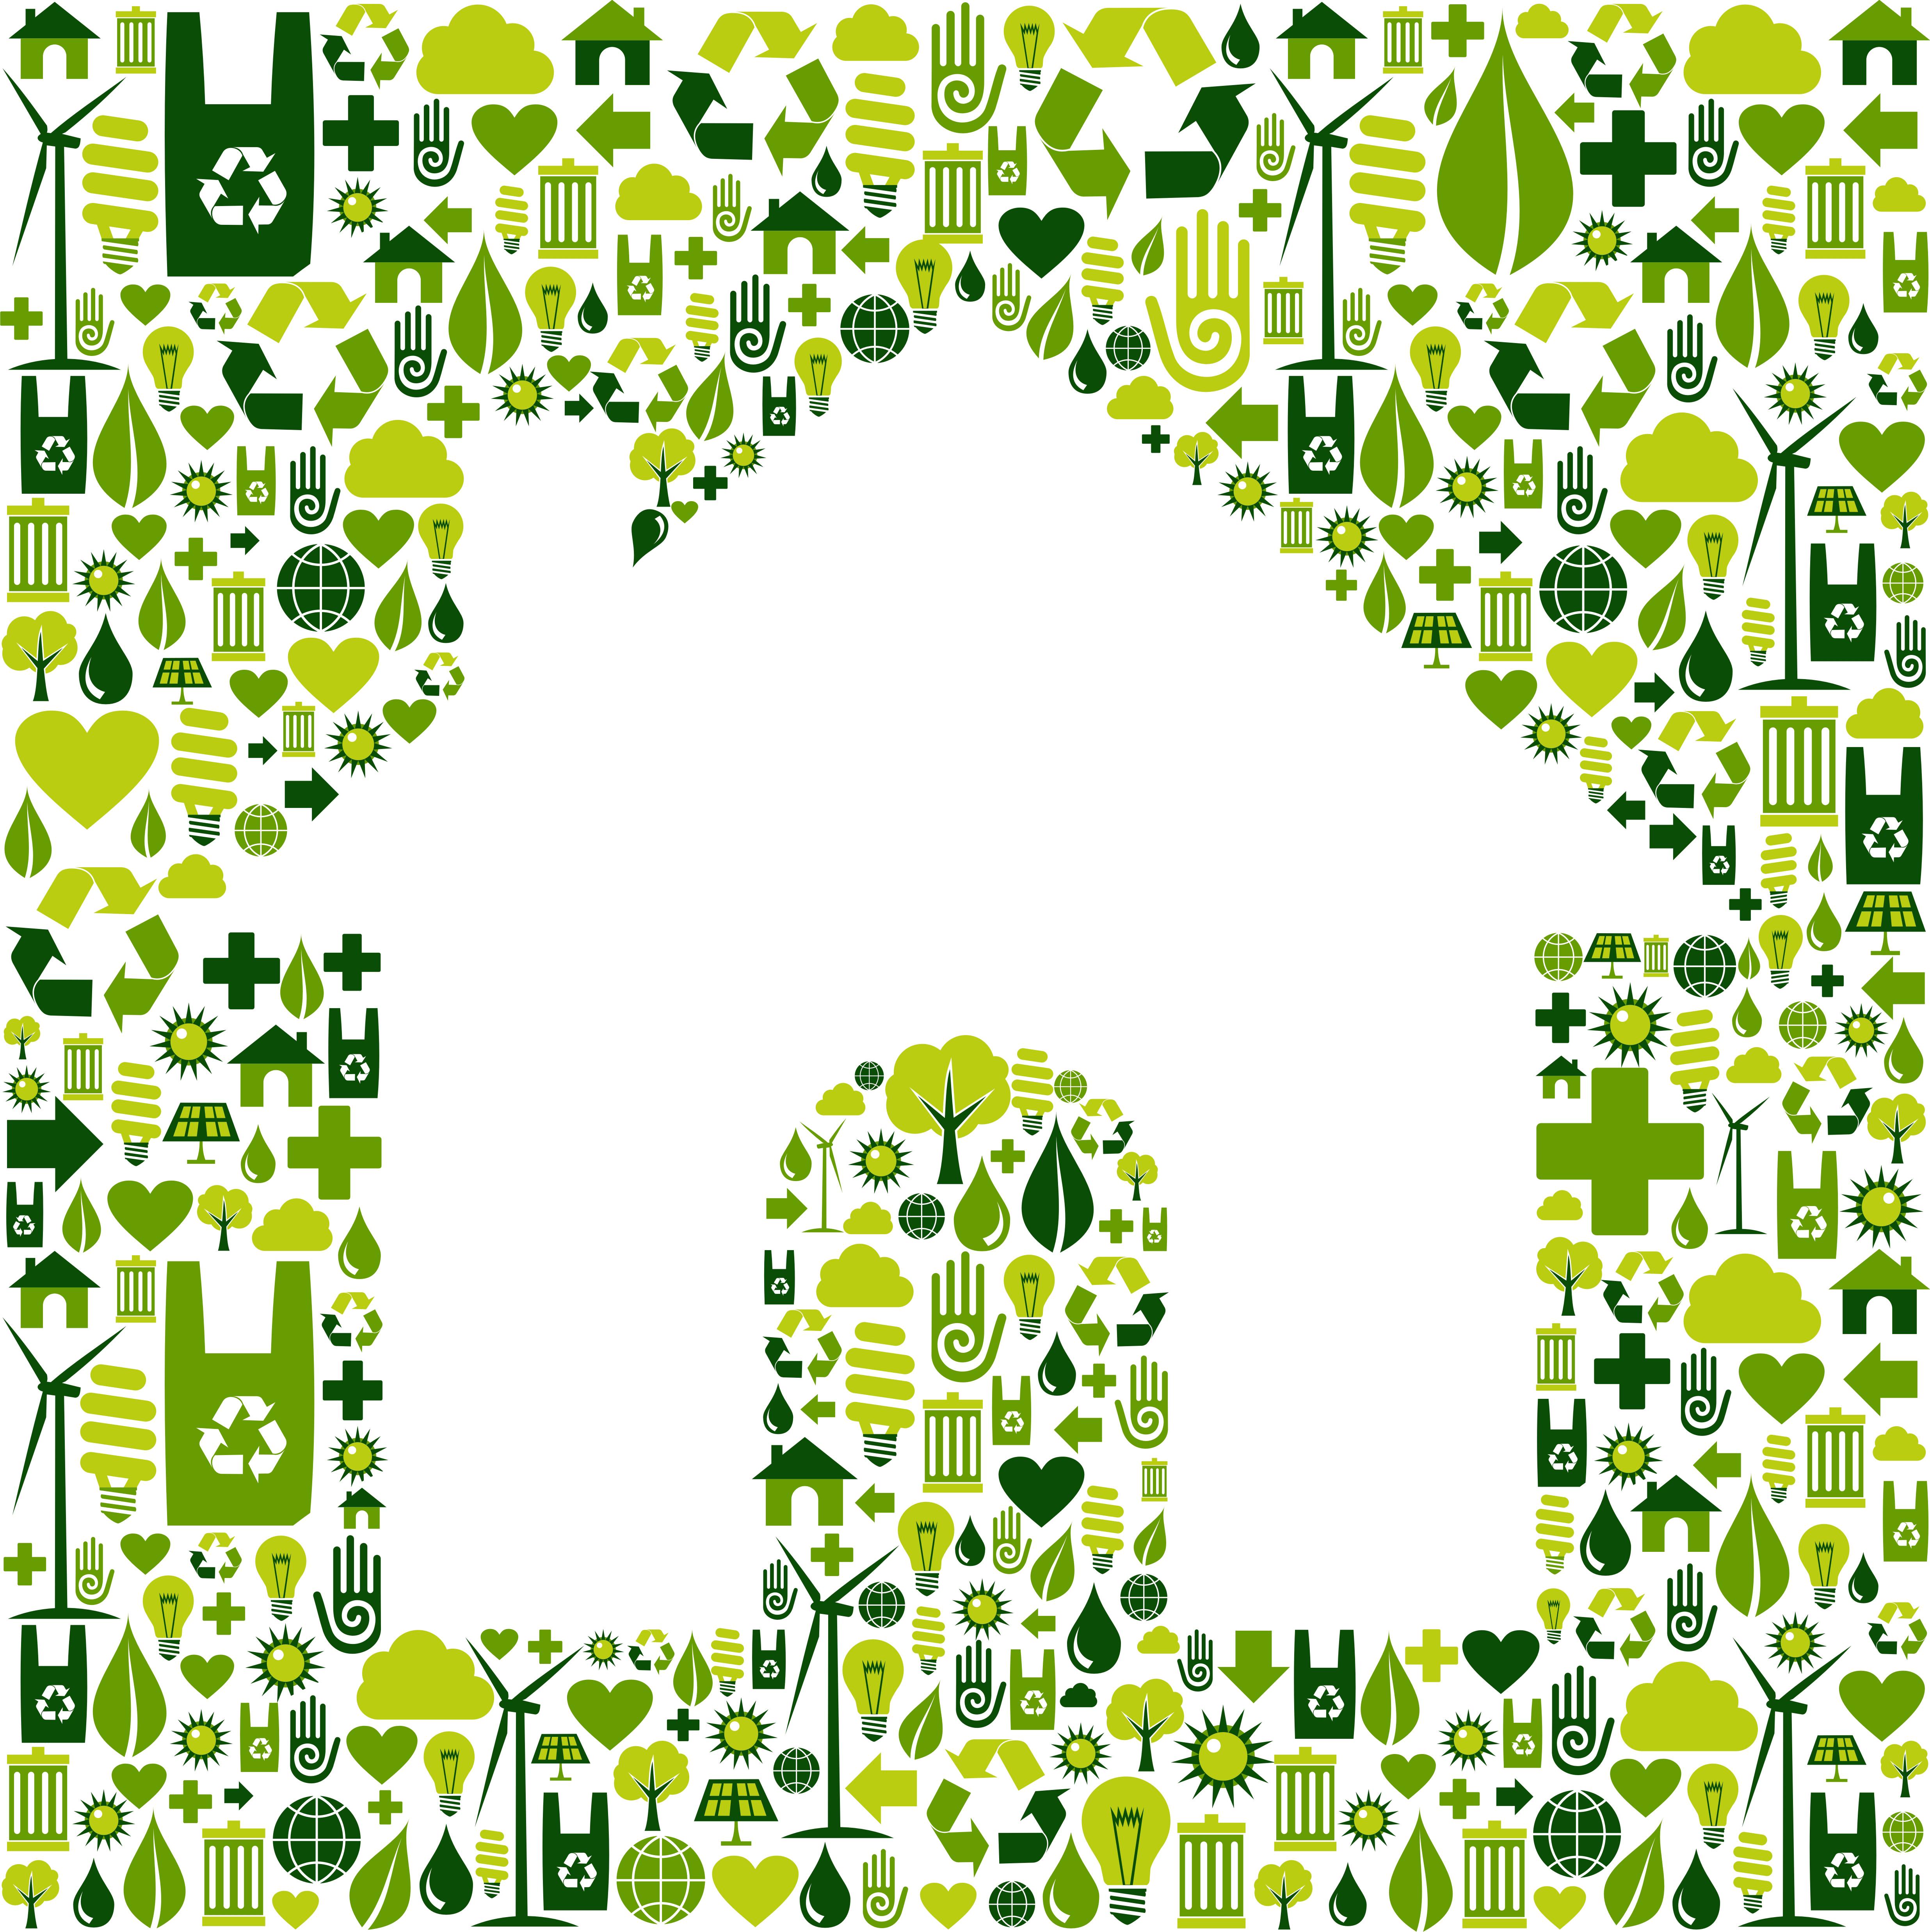 Proroga del bonus verde nella legge di bilancio